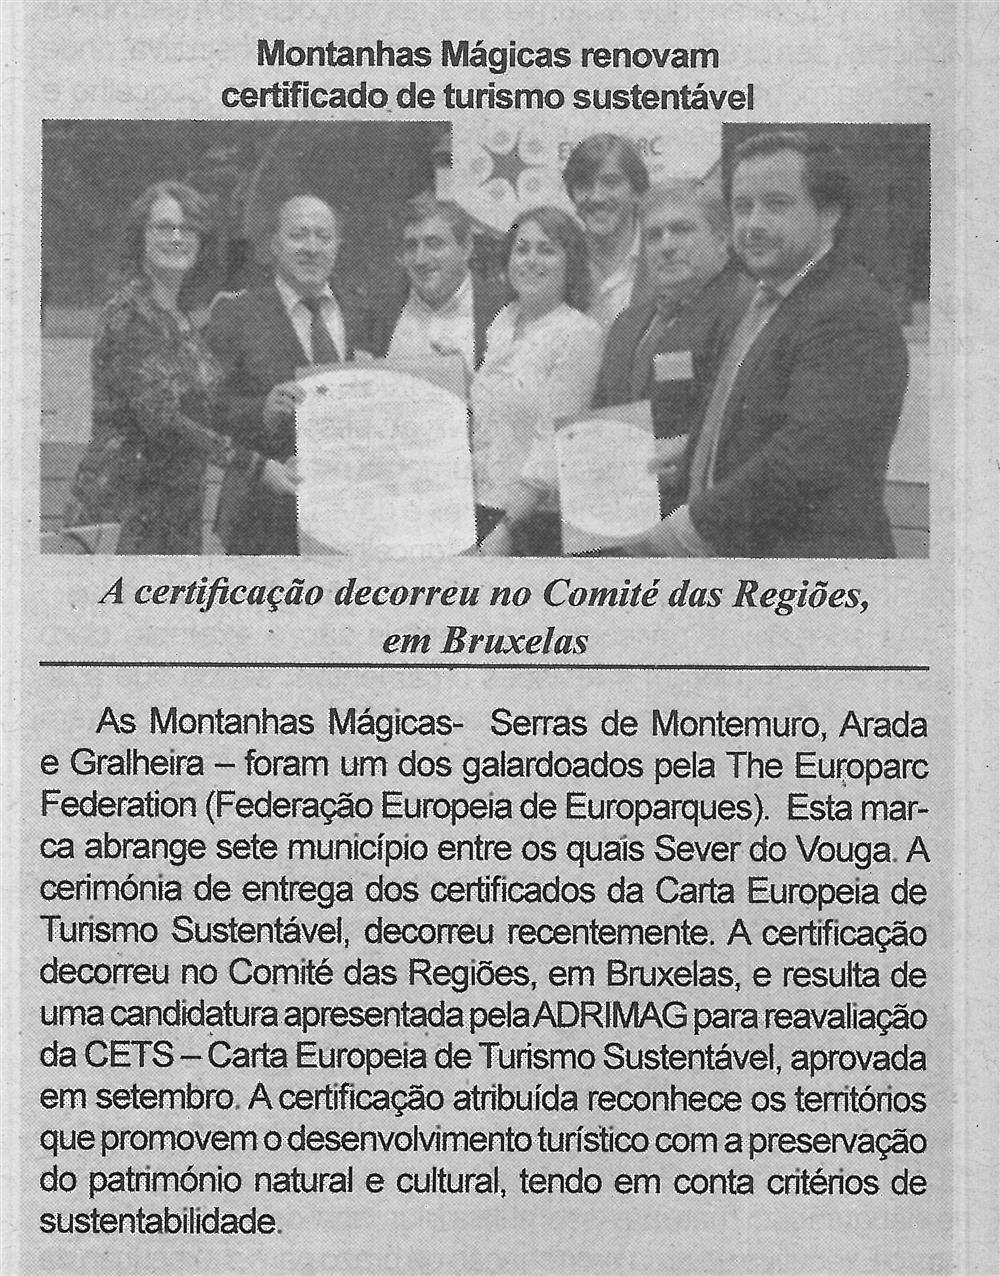 BV-2.ªjan.'20-p.6-Montanhas Mágicas renovam Certificado de Turismo Sustentável : a Certificação decorreu no Comité das Regiões, em Bruxelas.jpg